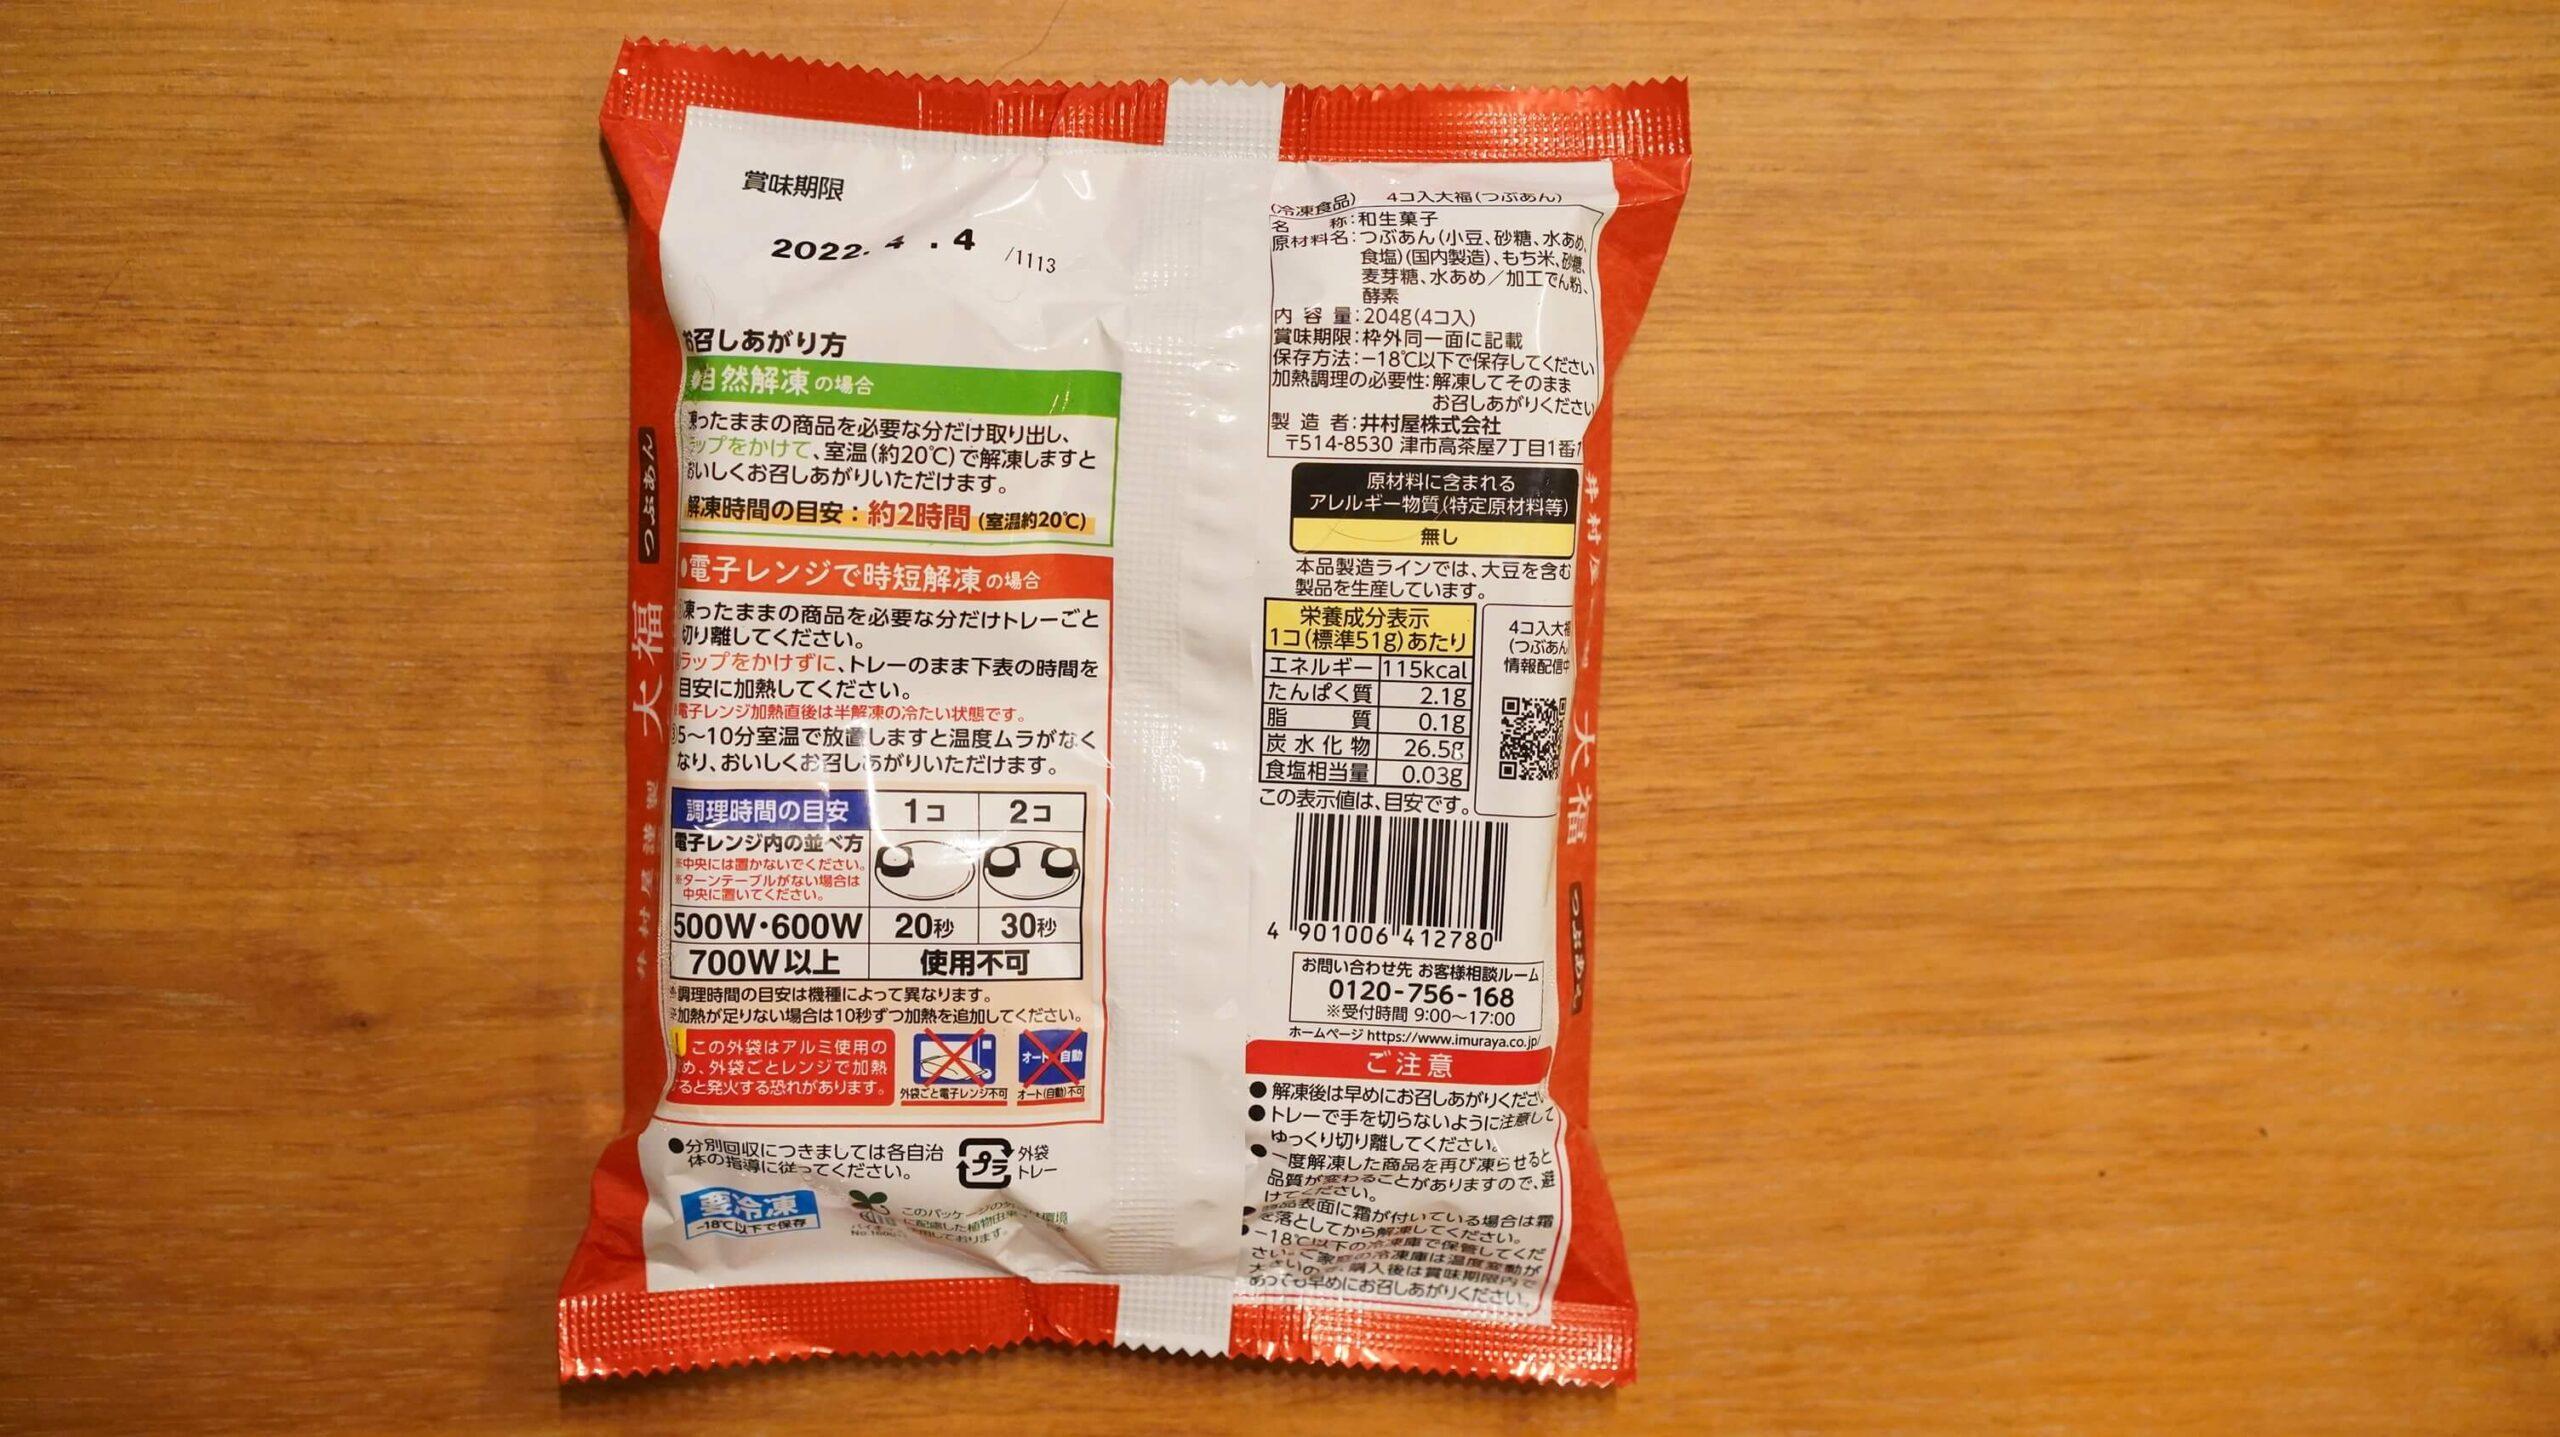 冷凍食品の和菓子スイーツ「井村屋謹製・大福」のパッケージ裏面の写真